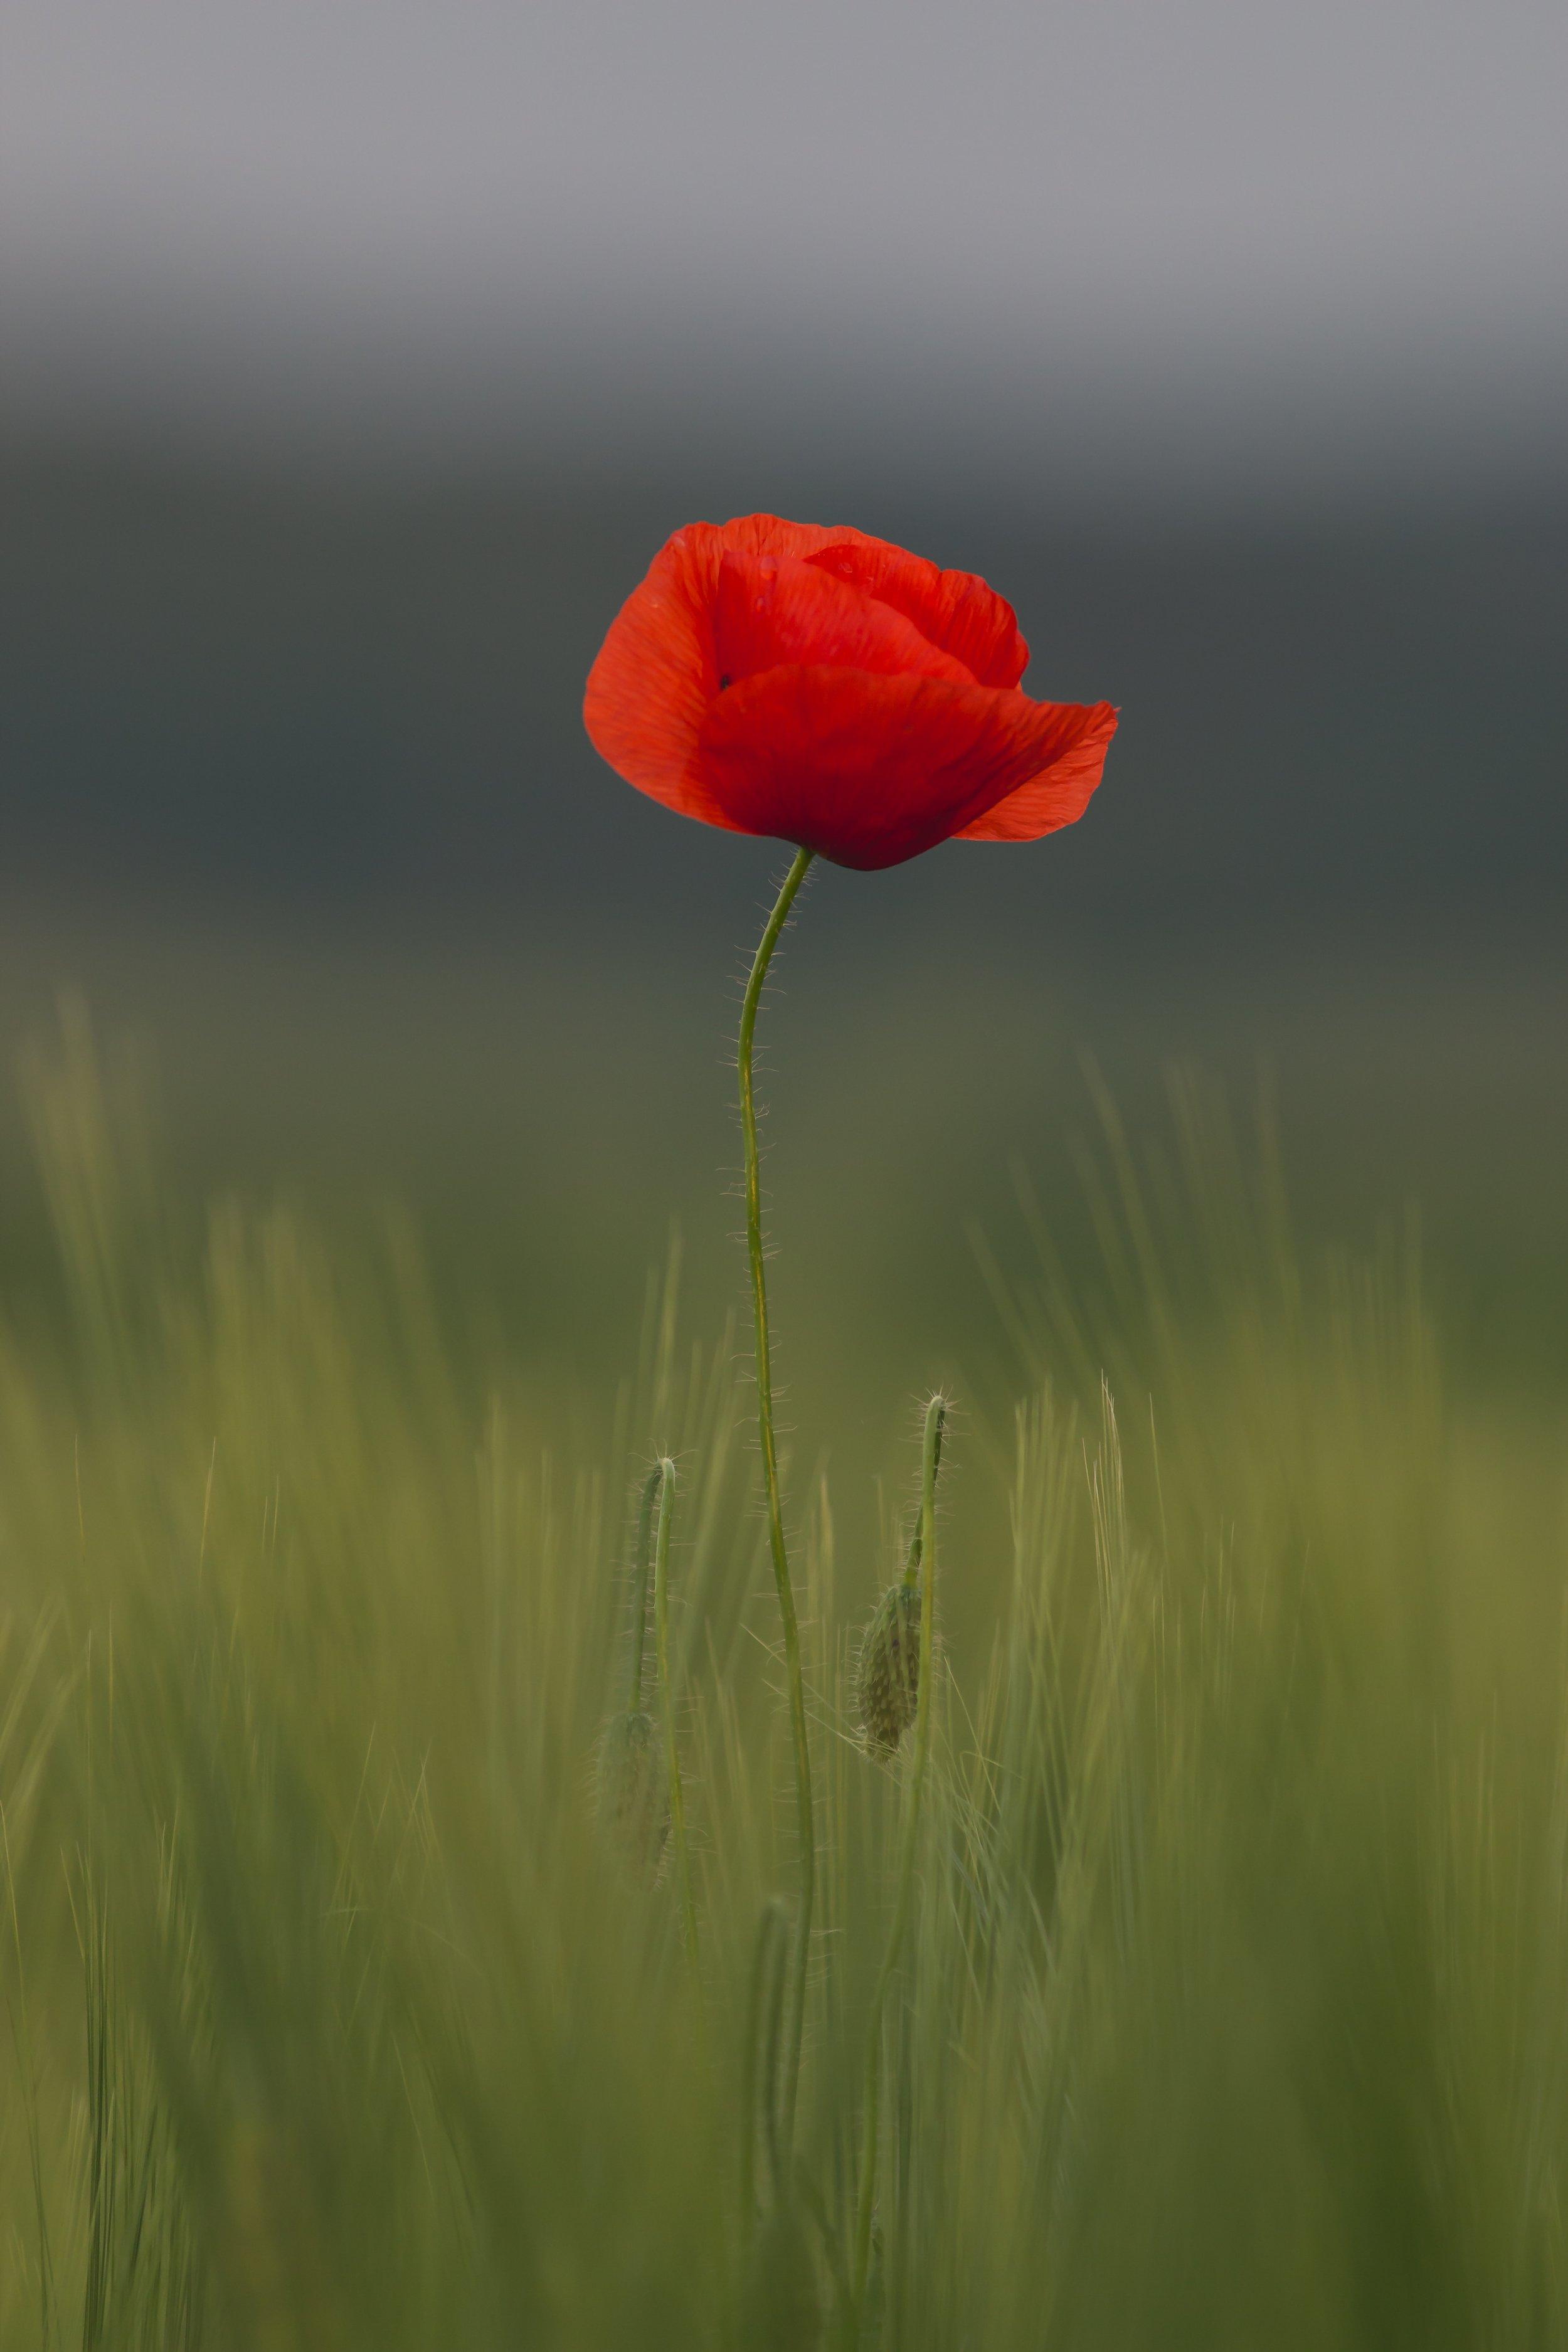 poppy.thomas-quaritsch-673039-unsplash.jpg